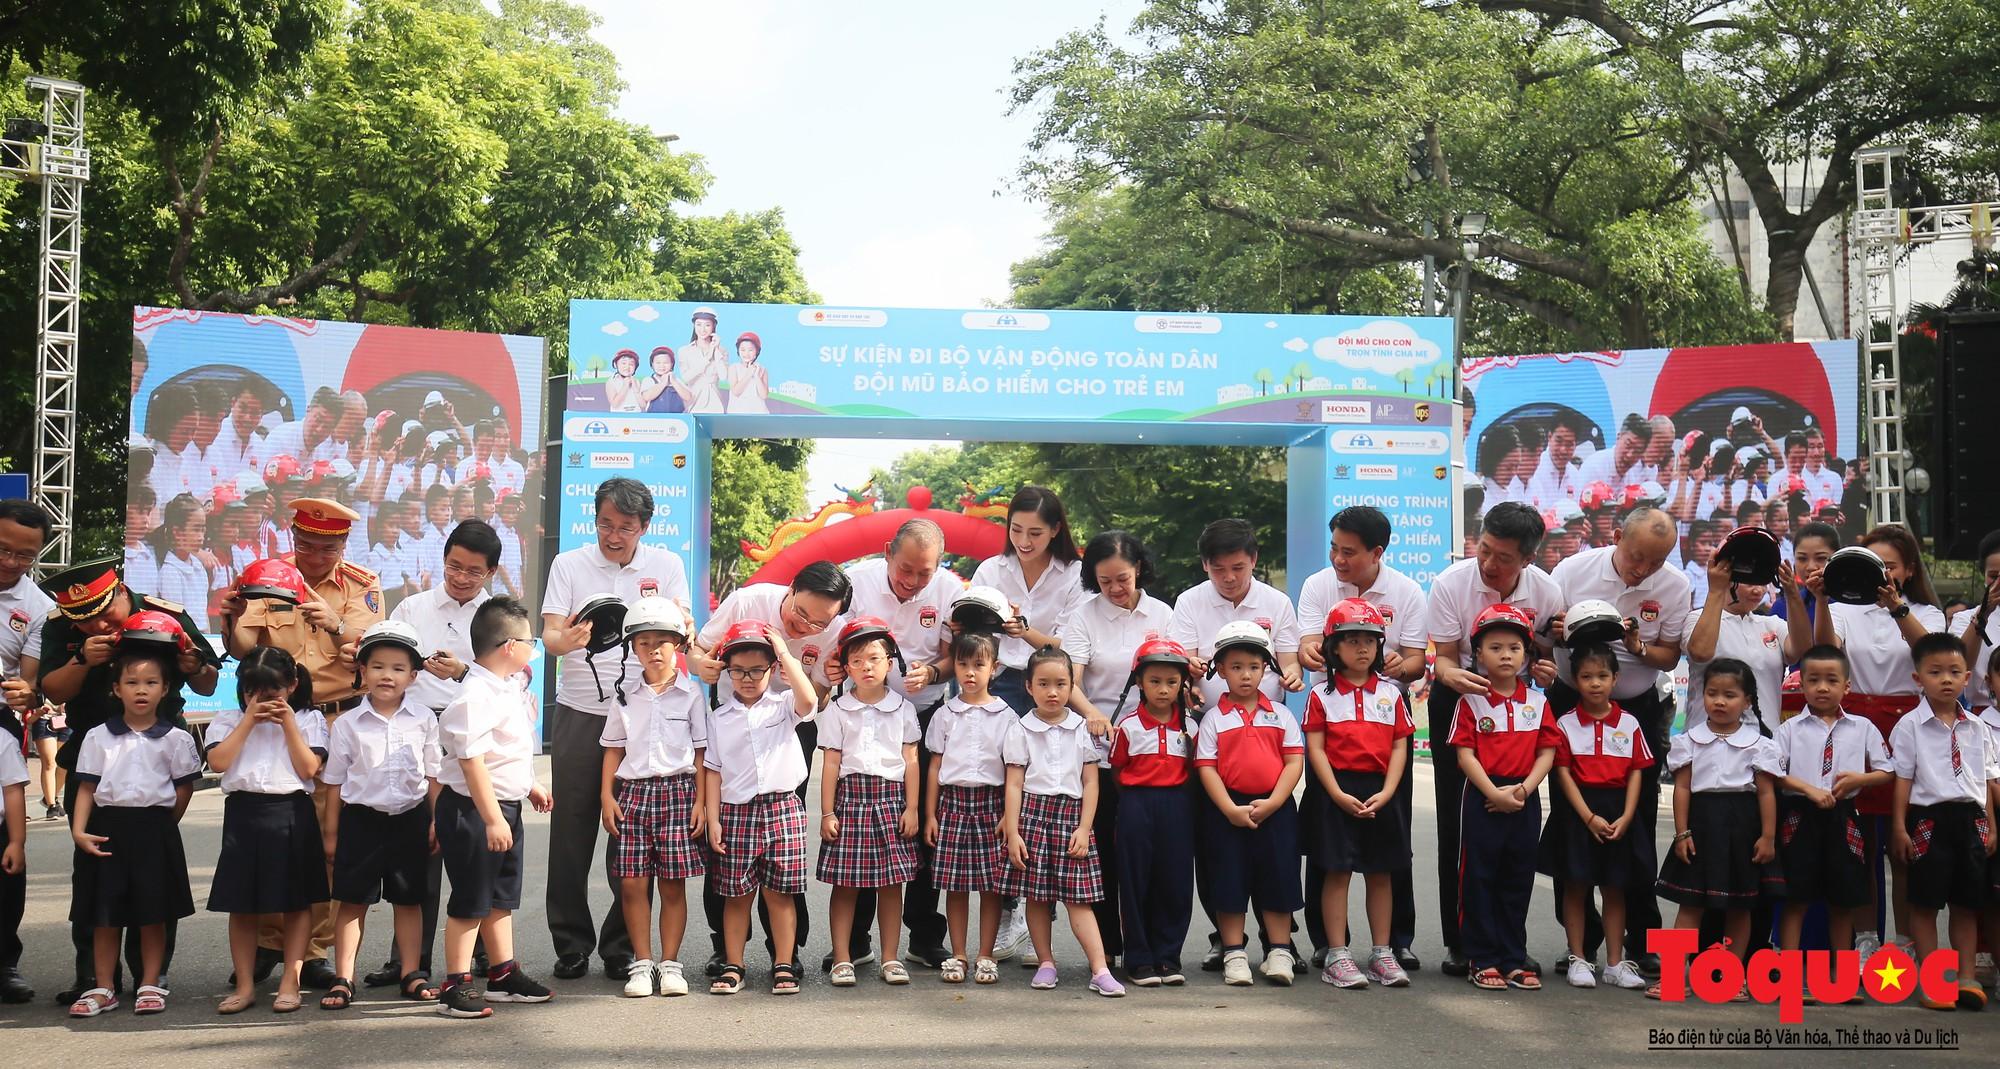 """Gần 4000 em nhỏ cùng gia đình đi bộ vận động toàn dân""""Đội mũ bảo hiểm cho trẻ em"""" (8)"""